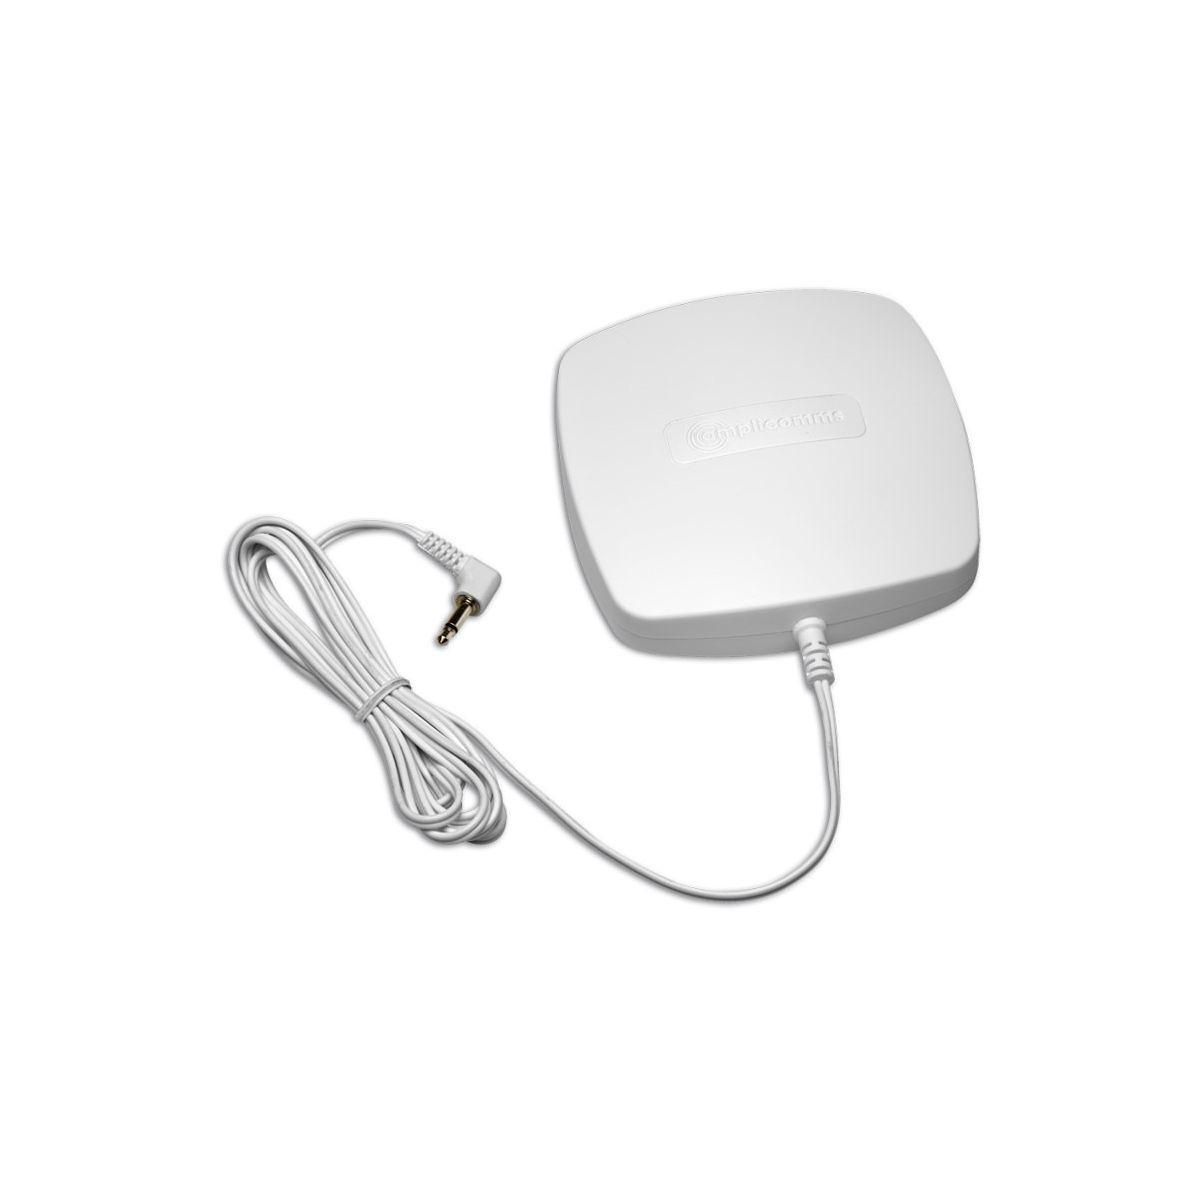 Accessoire aide auditive amplicomms ptv 110 - 10% de remise imm�diate avec le code : automne10 (photo)